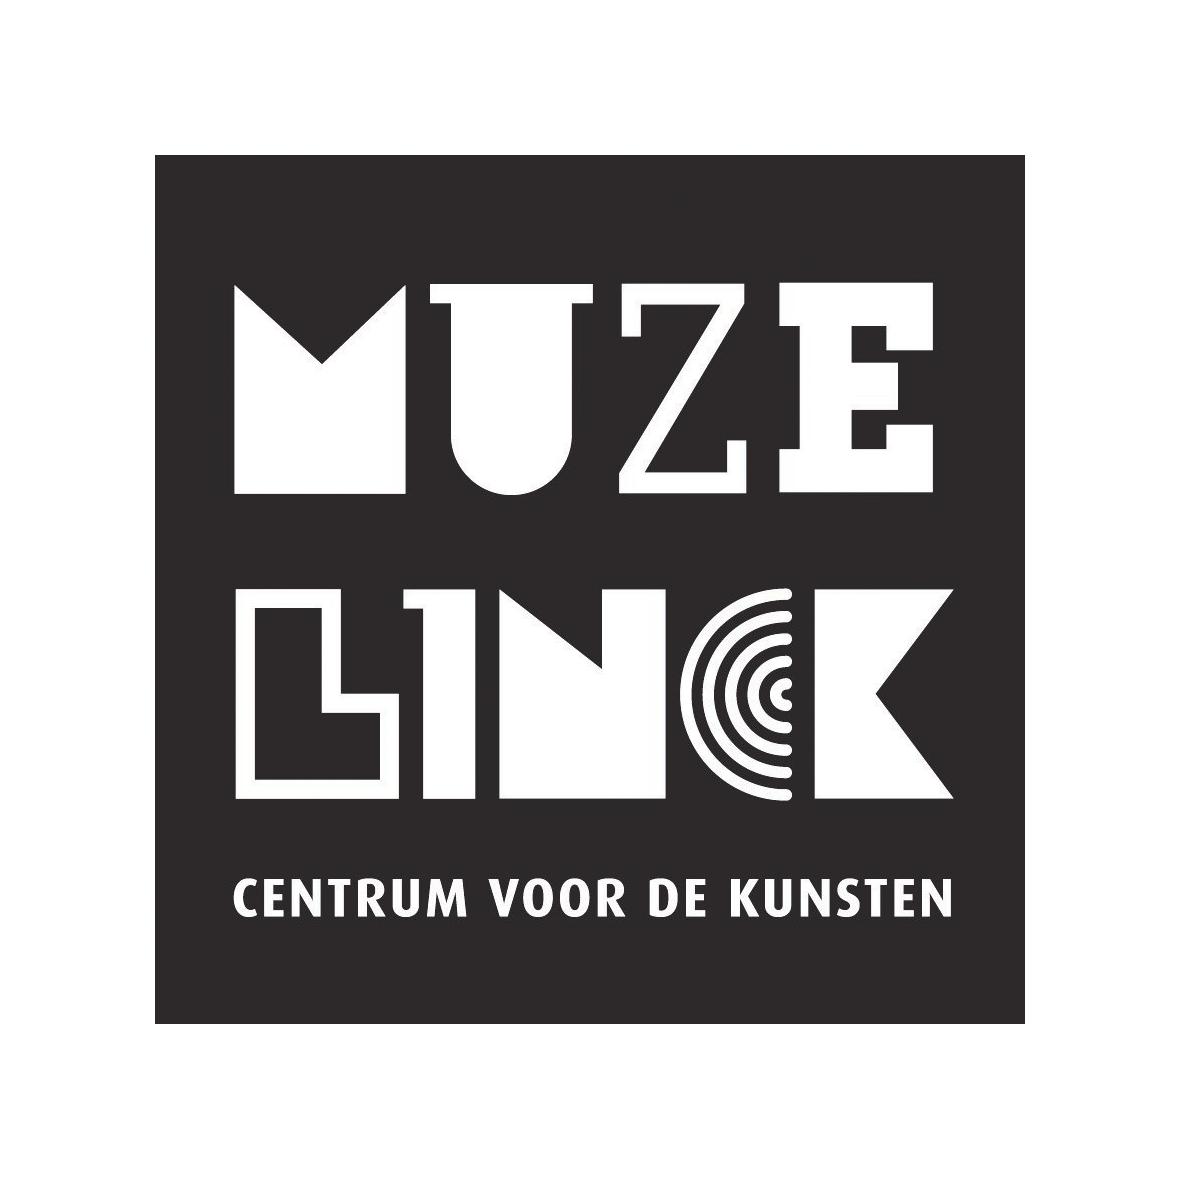 muzelinck centrum voor de kunsten Oss